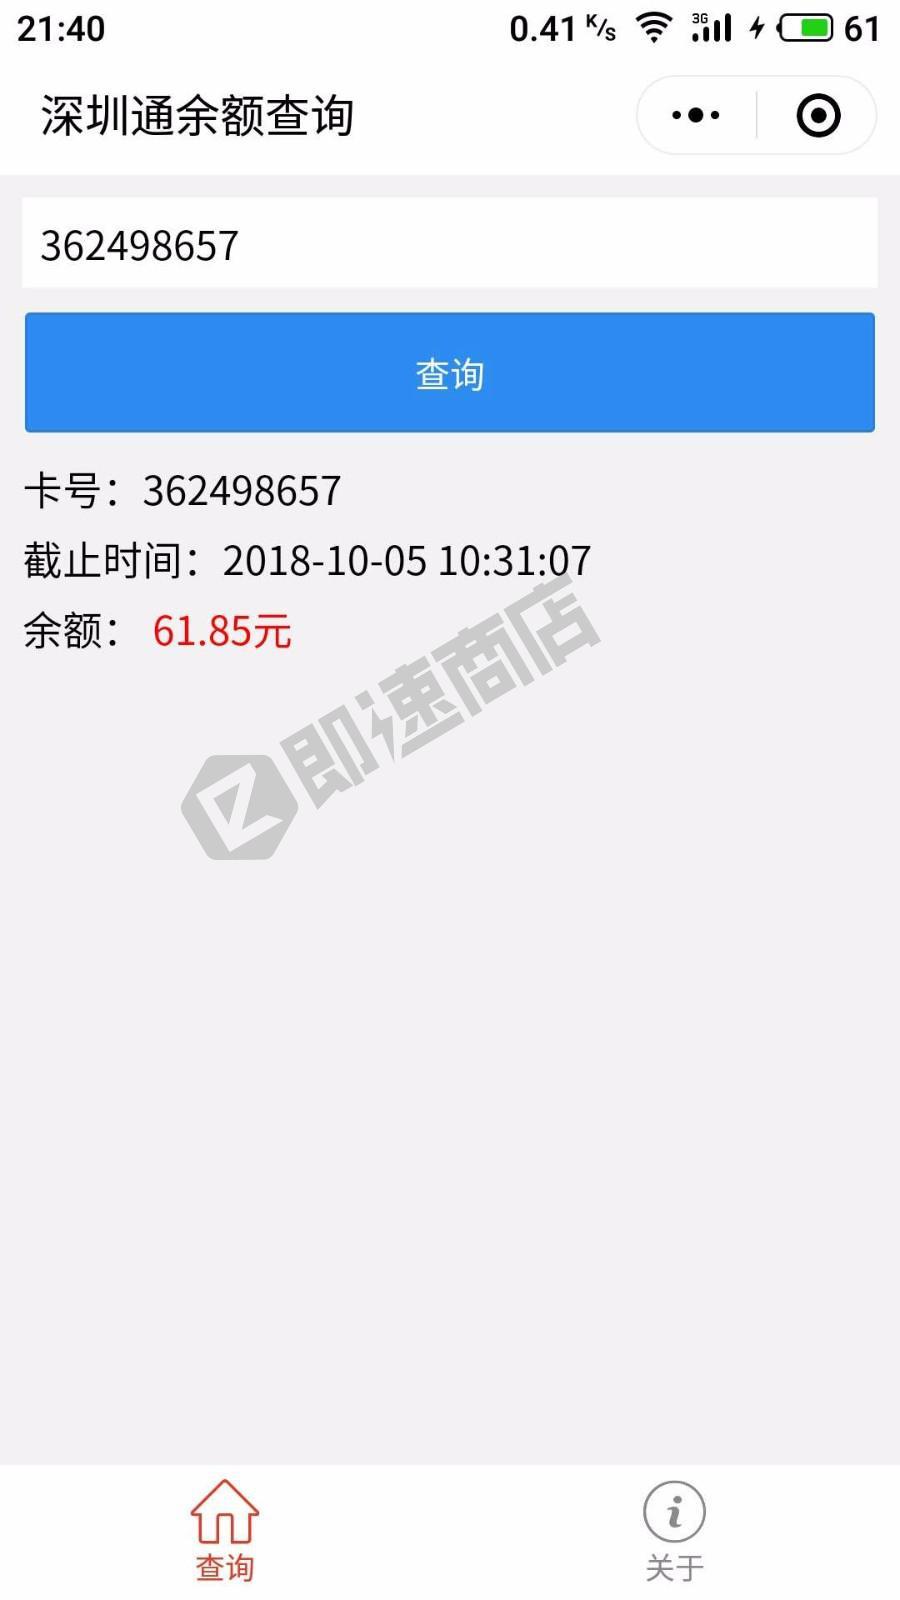 深圳通余额小程序列表页截图